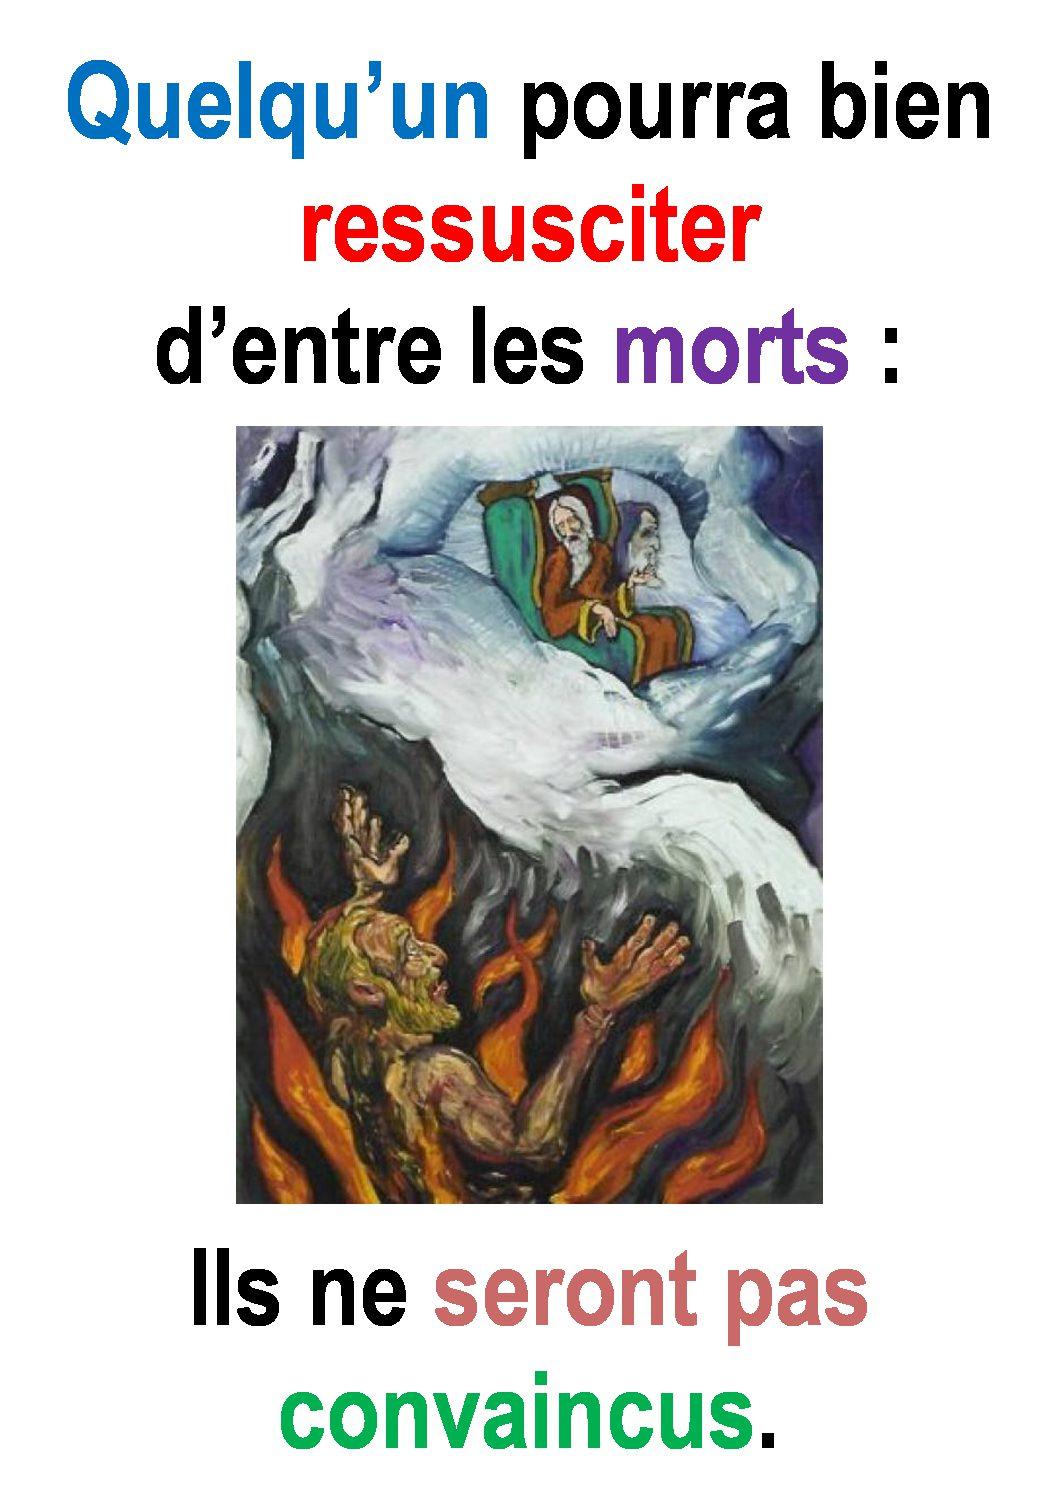 26ième Dimanche du Temps Ordinaire – par Francis COUSIN (St Luc 16, 19-31)